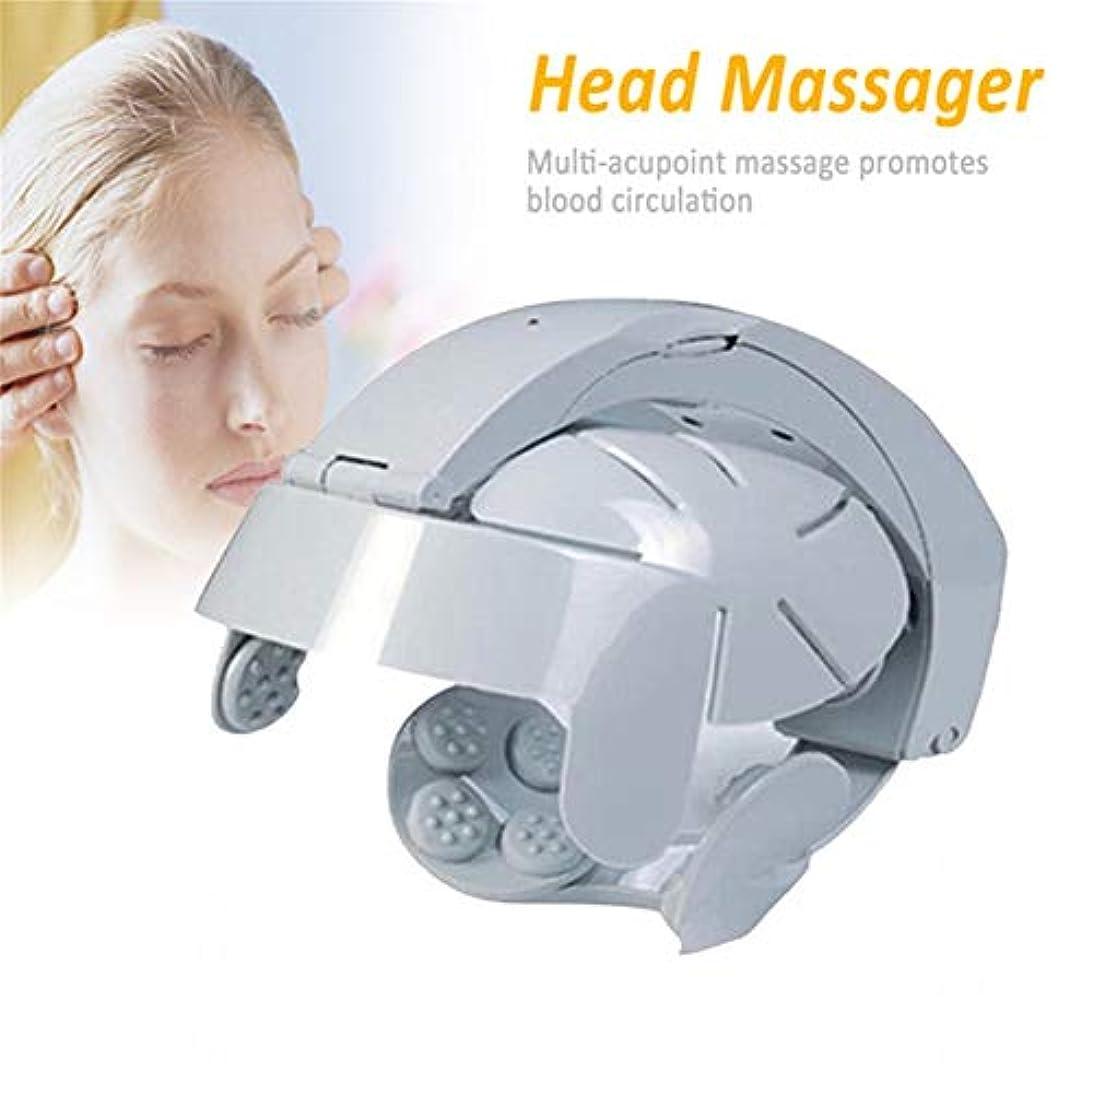 十一愛する教科書電動ヘッドマッサージ器指圧ヘルメットヘッドマッサージ器で振動を緩和ストレス神経刺激を緩和して頭痛を和らげます